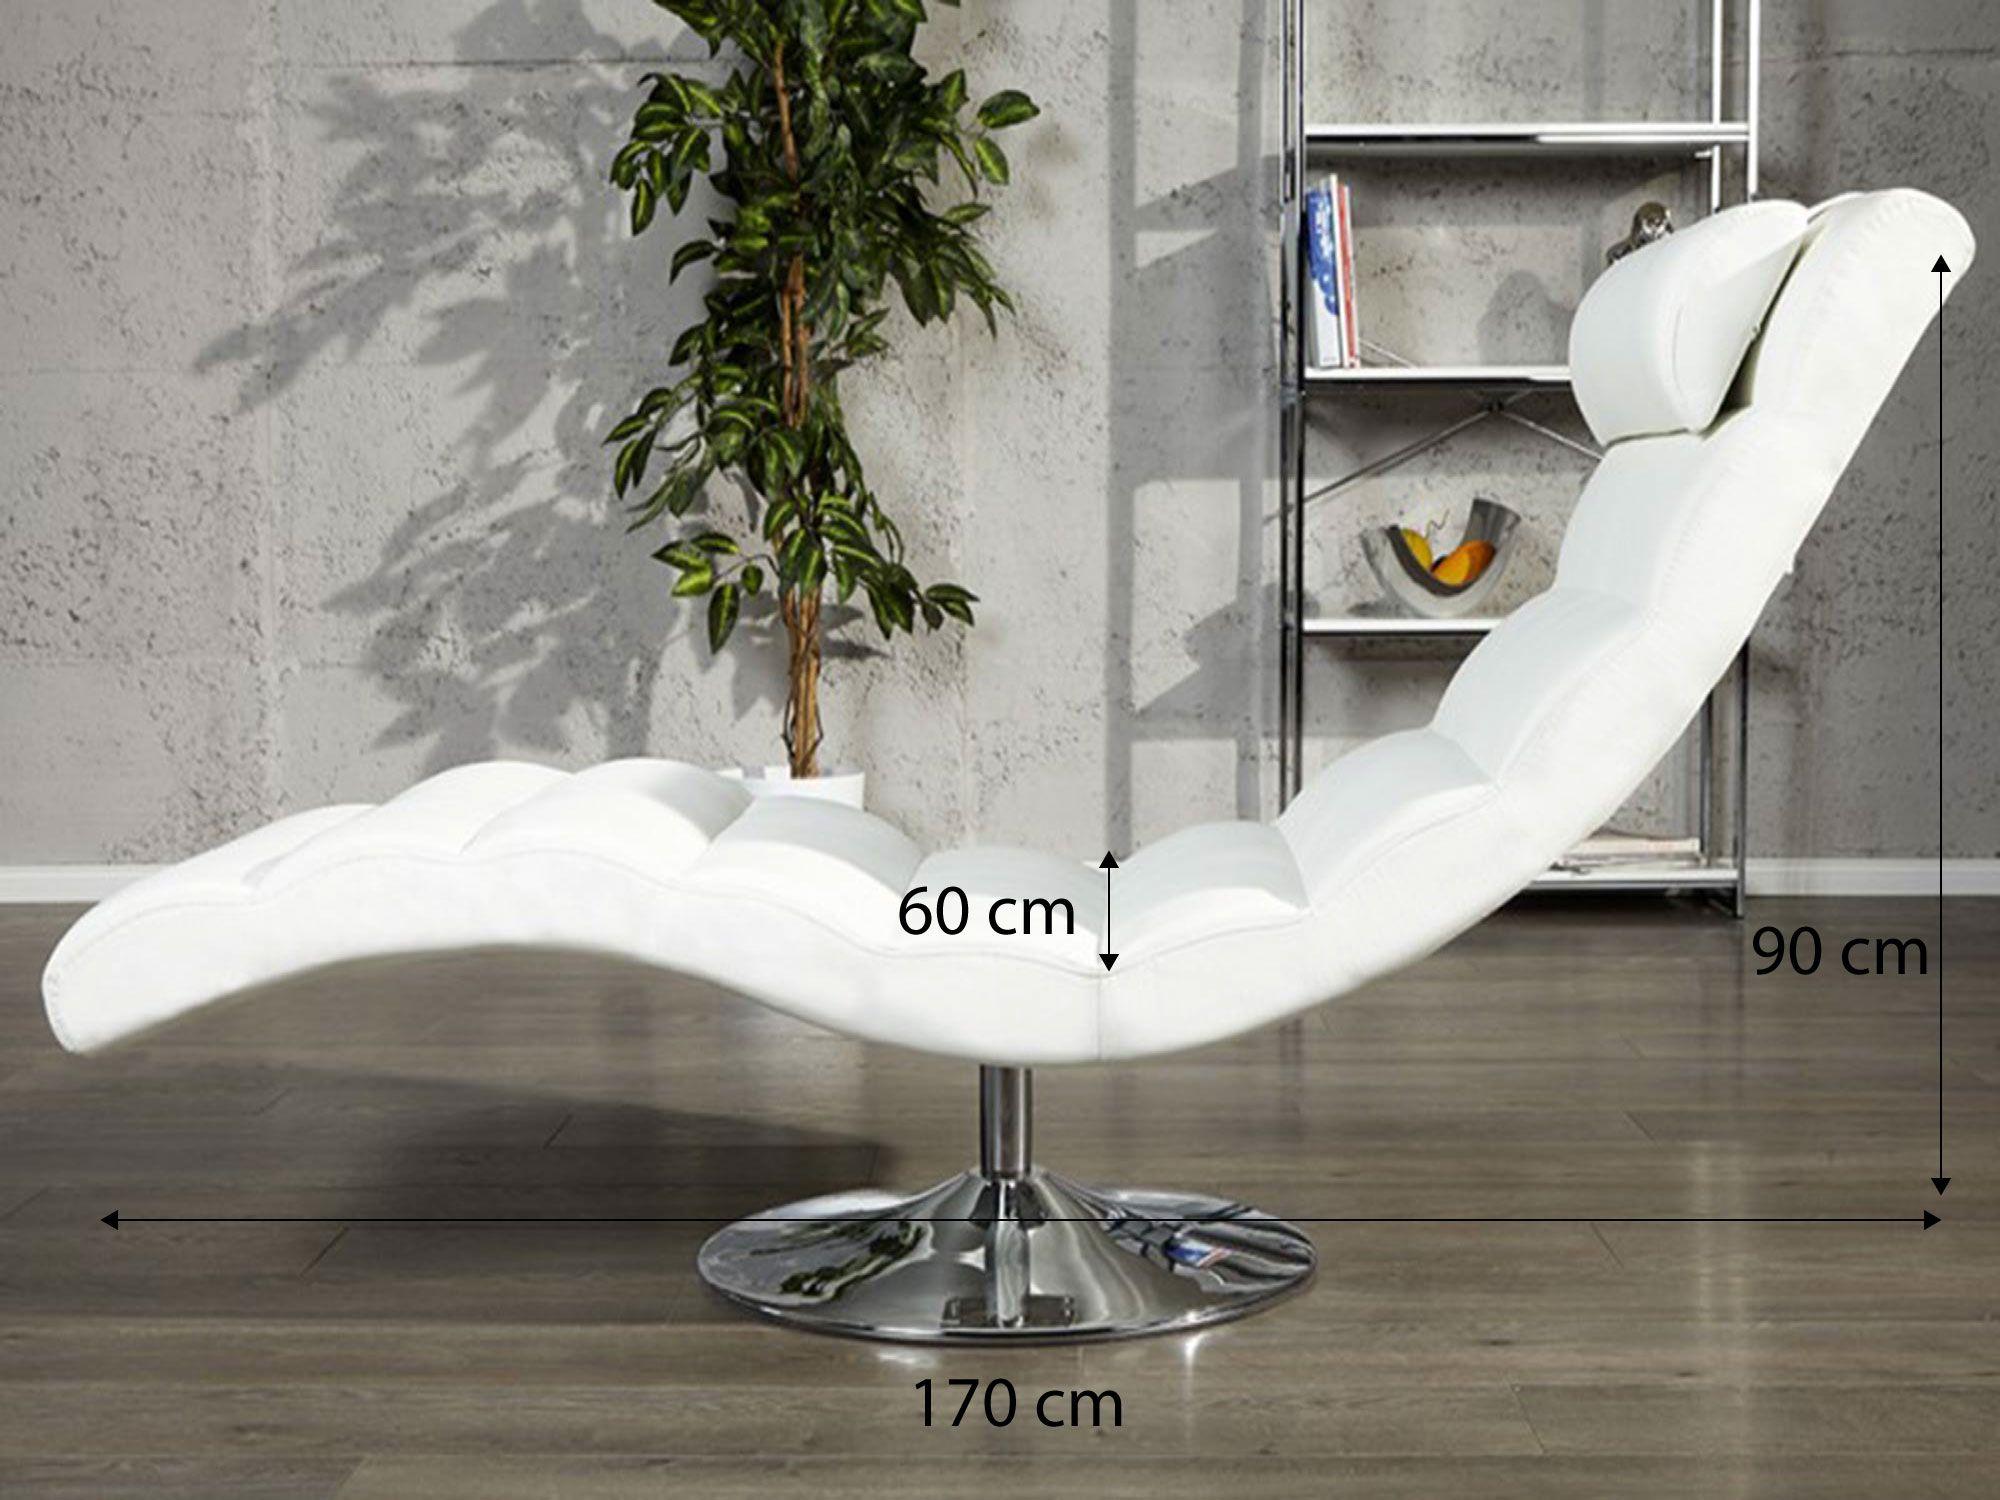 Relax Fauteuil Design.Fauteuil Design Relax Blanc Clara In 2020 Ligstoel Lederen